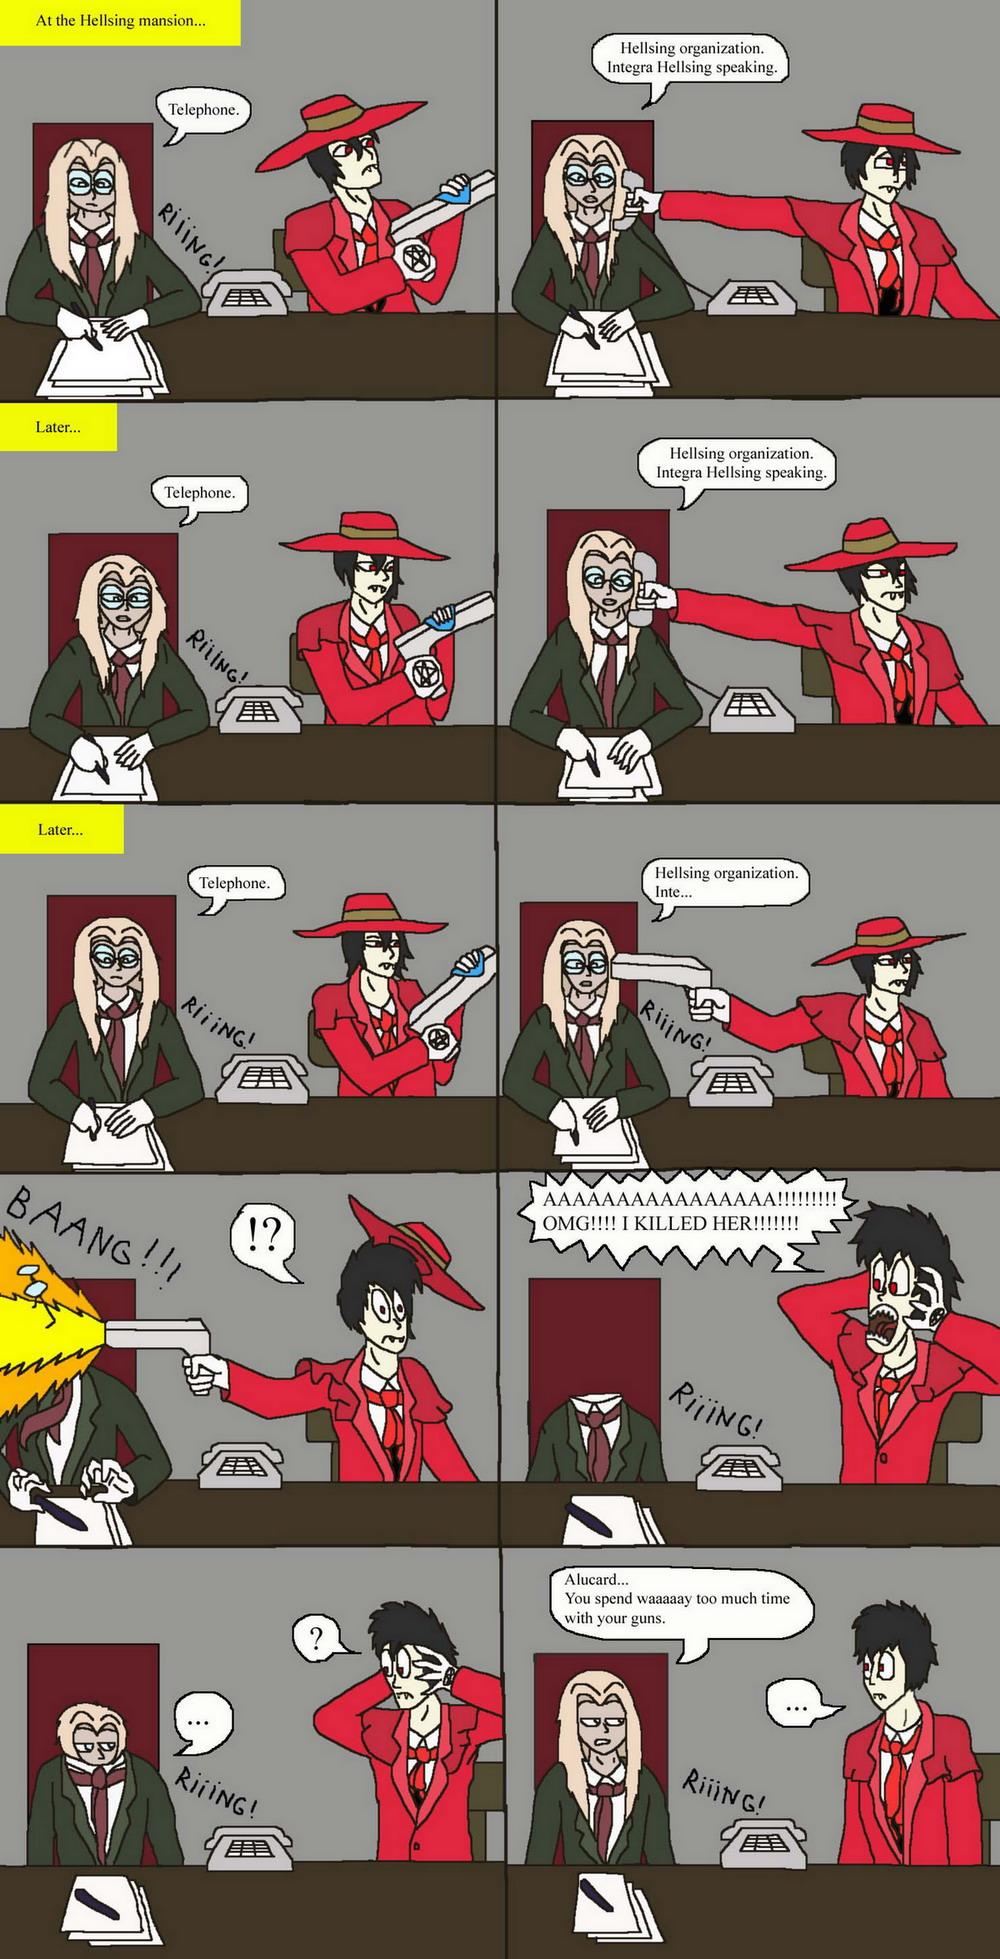 Hellsing bloopers 1-The phone